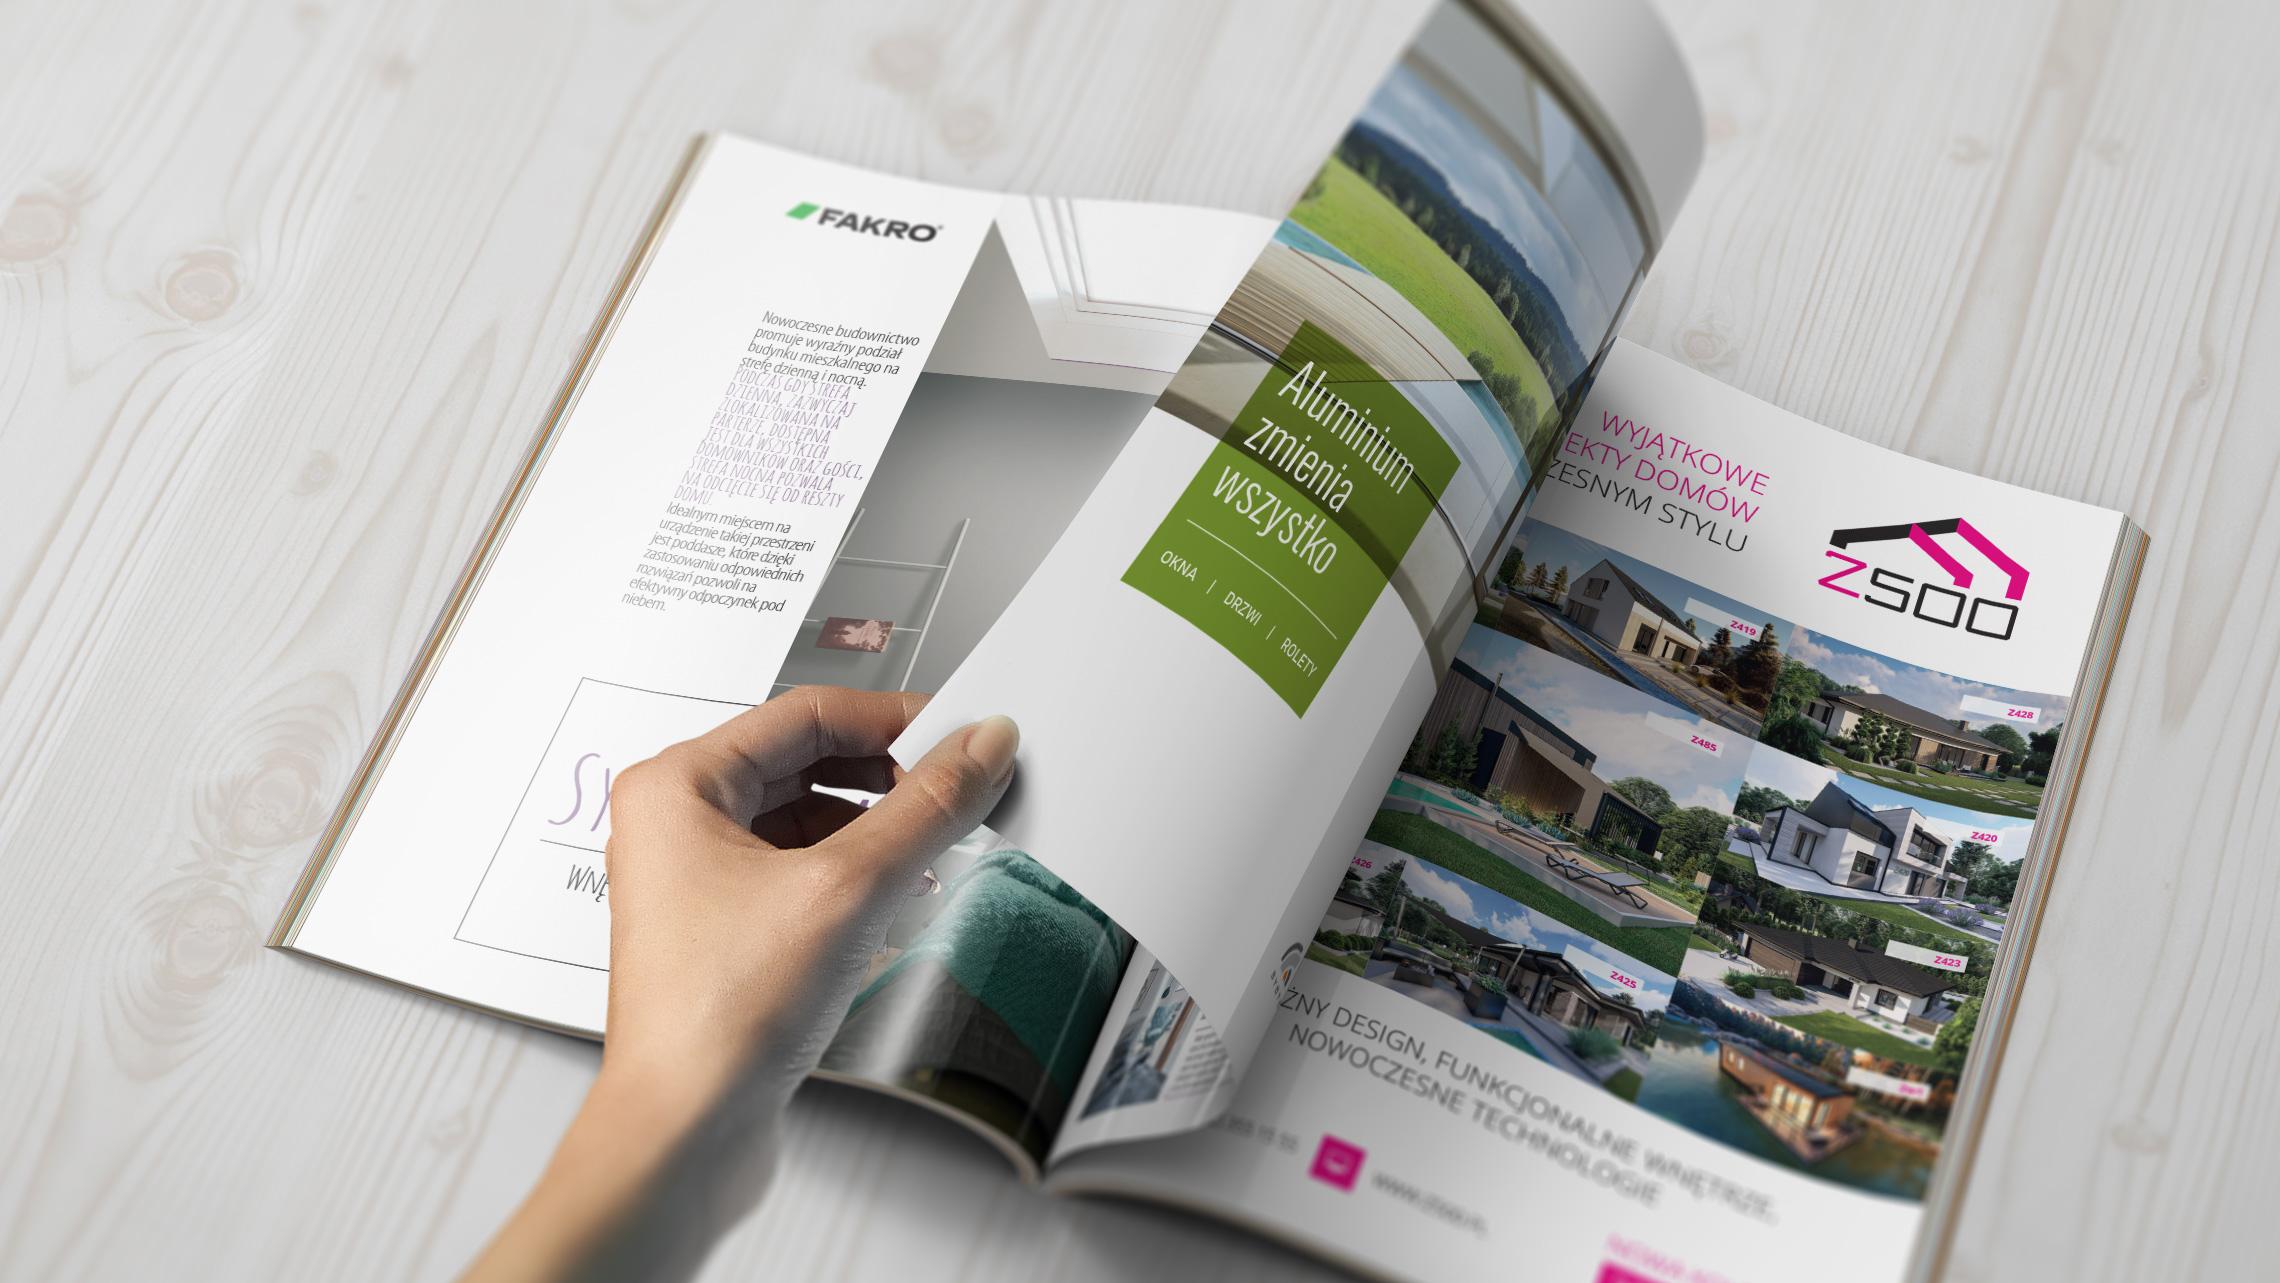 Przykładowe reklamy prasowe zrealizowane przezAlpaca Studio